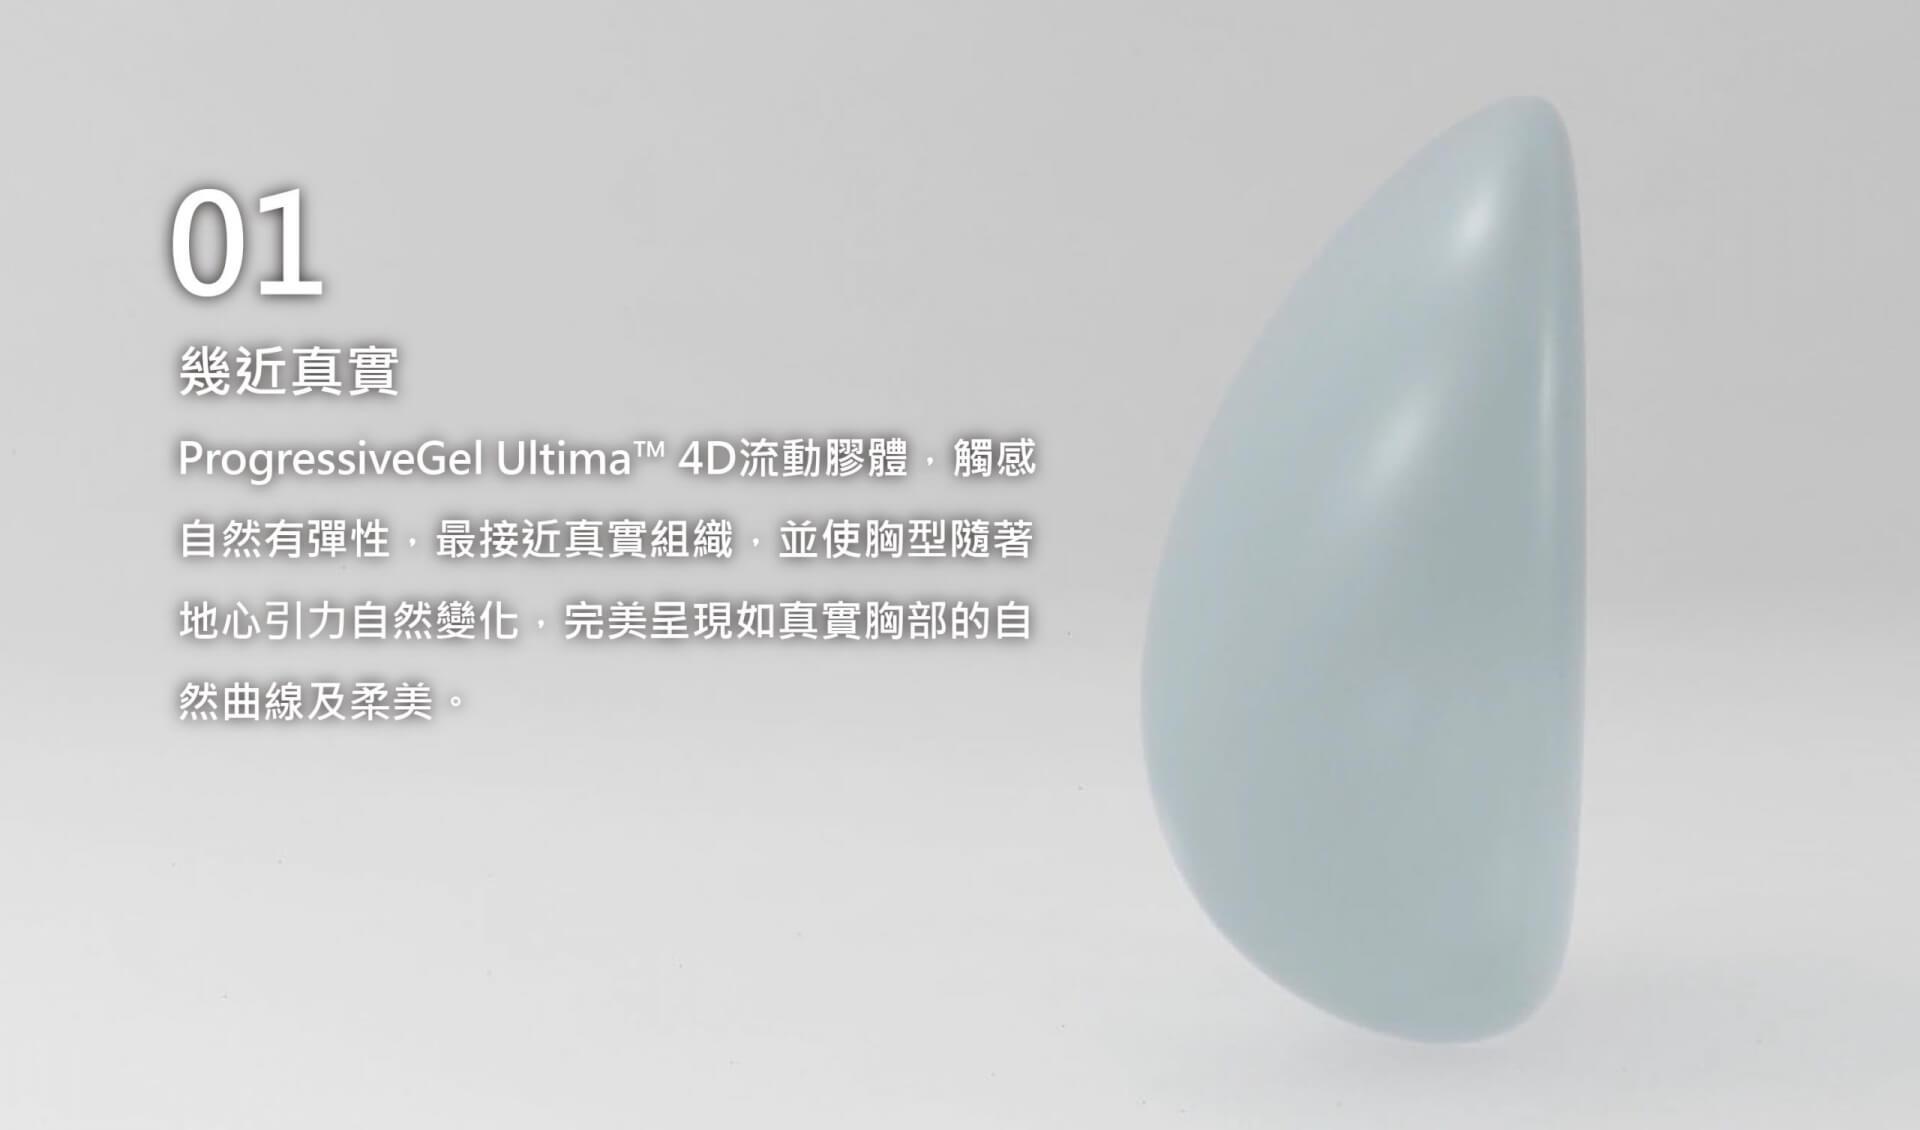 幾近真實 ProgressiveGel Ultima™ 4D流動膠體,觸感自然有彈性,最接近真實組織,並使胸型隨著地心引力自然變化,完美呈現如真實胸部的自然曲線及柔美。